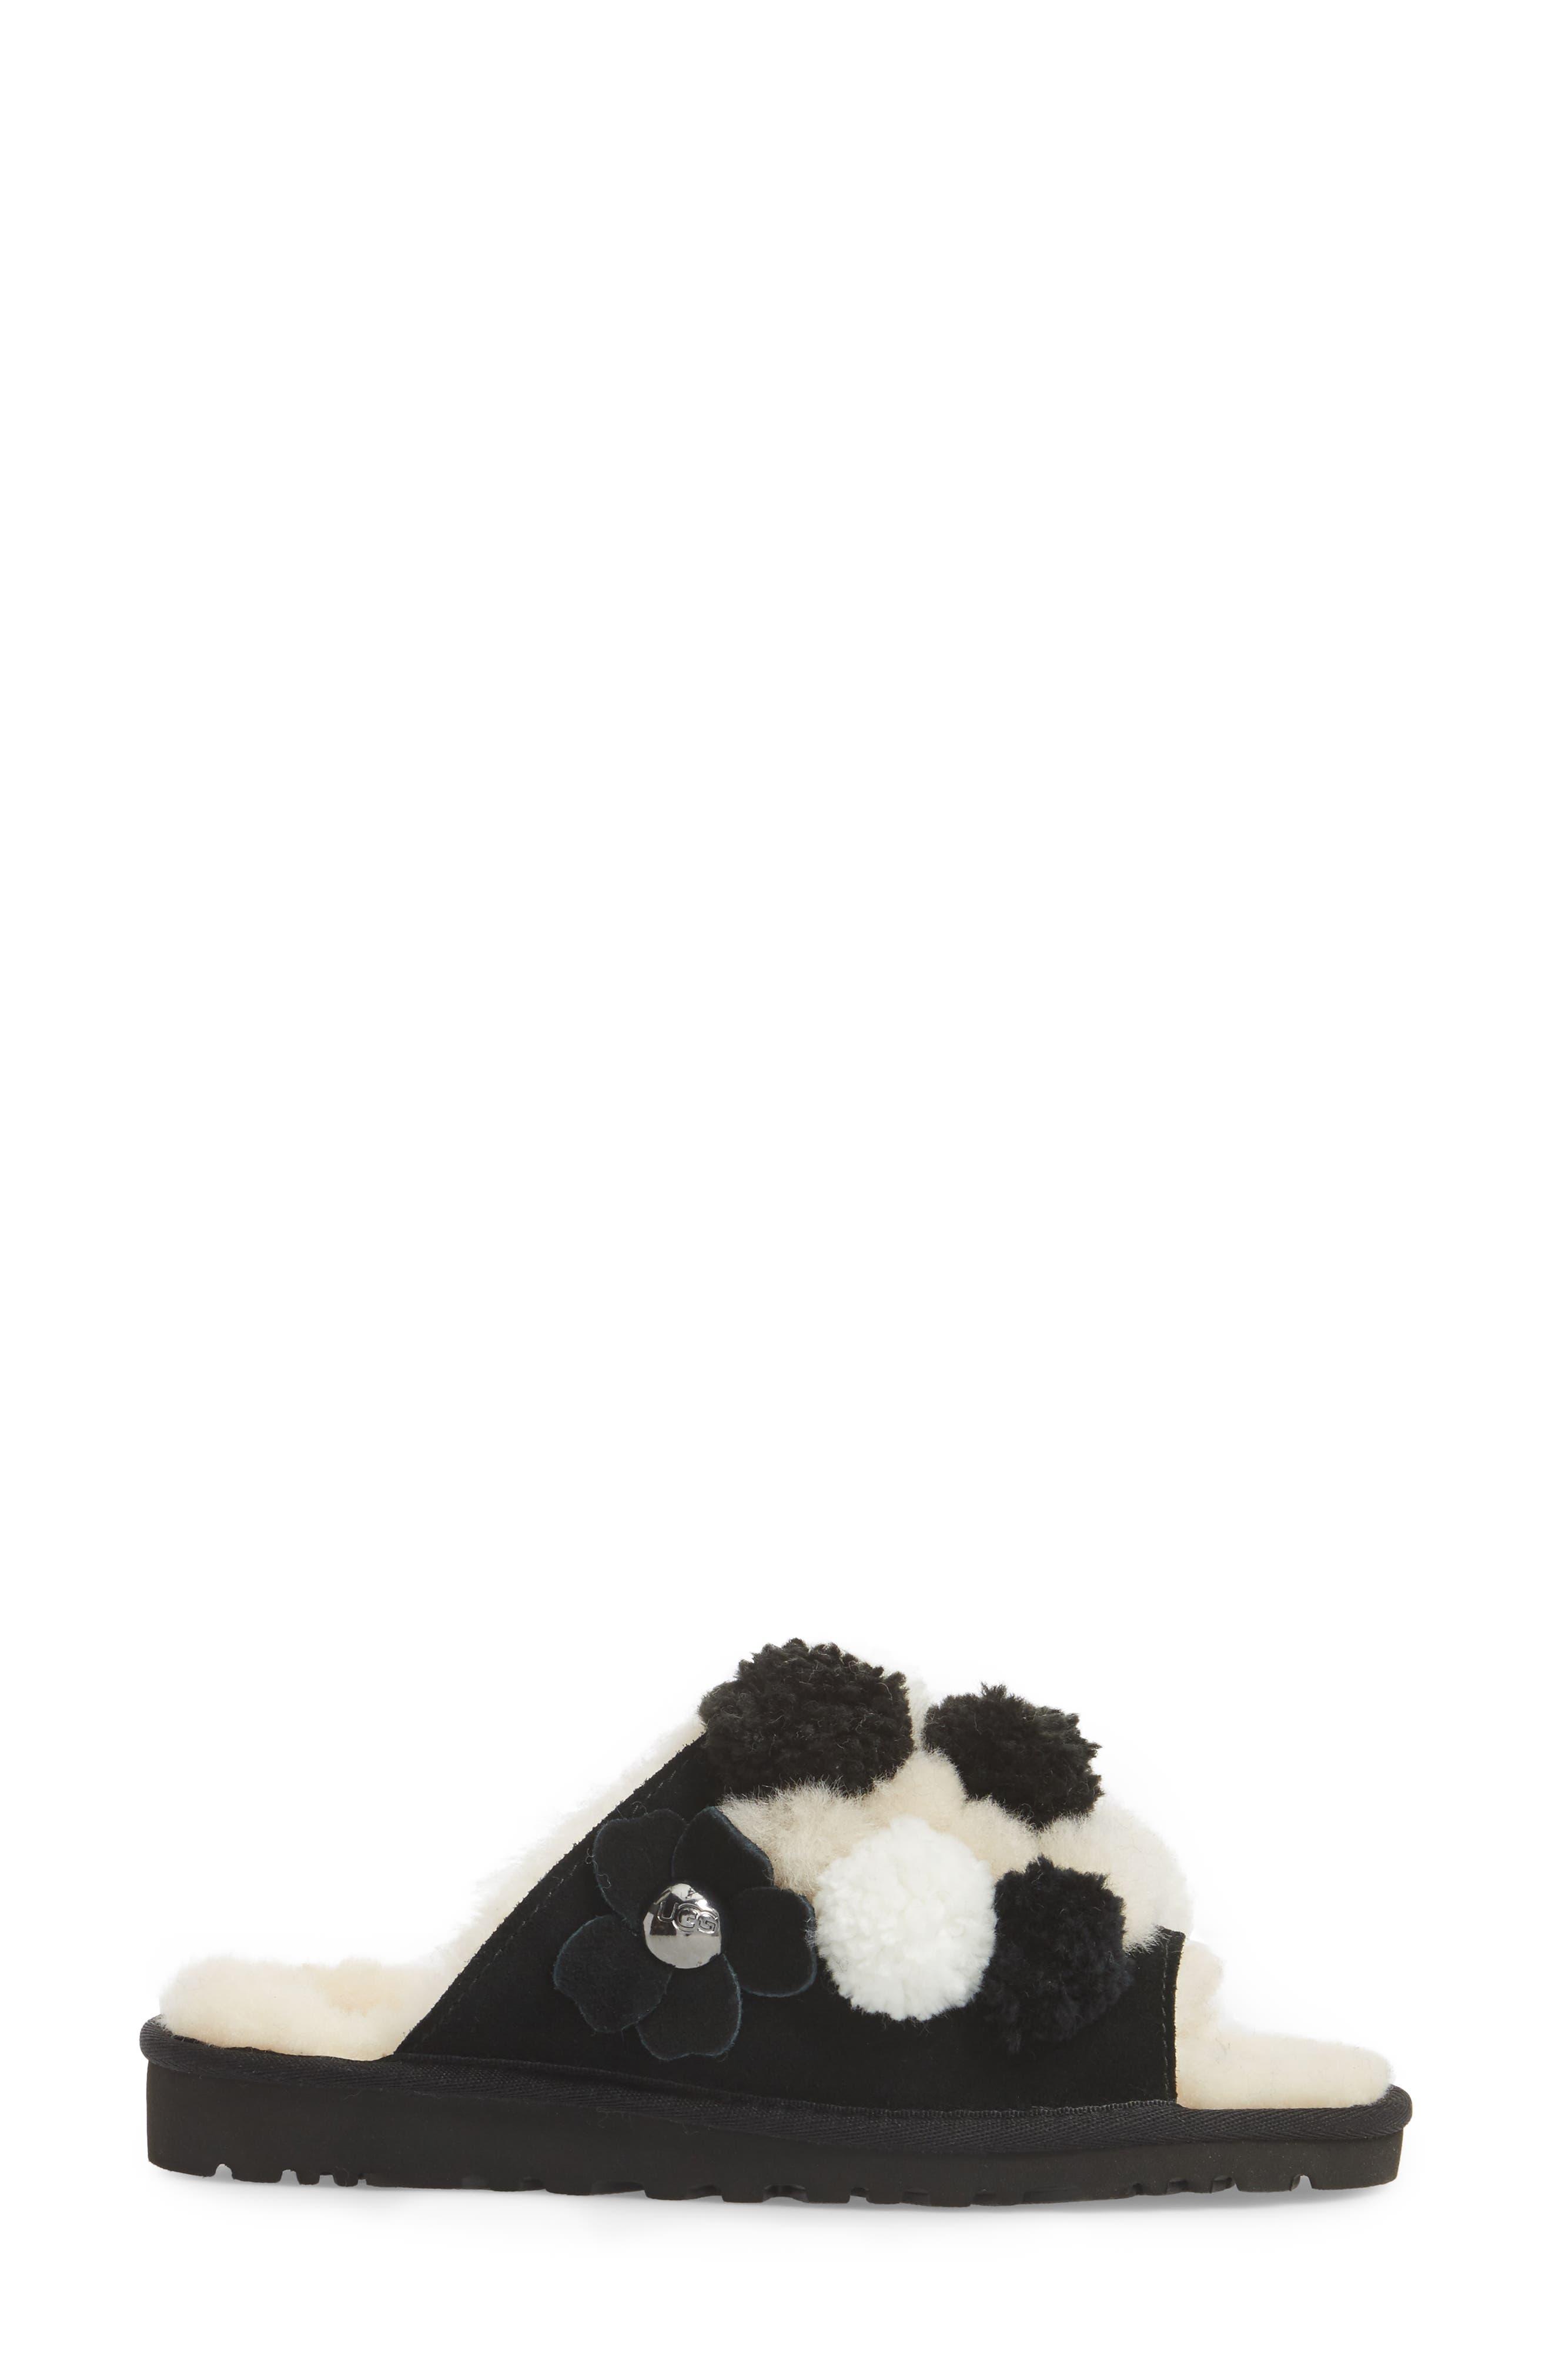 Clio Pom Pom Slide Sandal,                             Alternate thumbnail 3, color,                             001